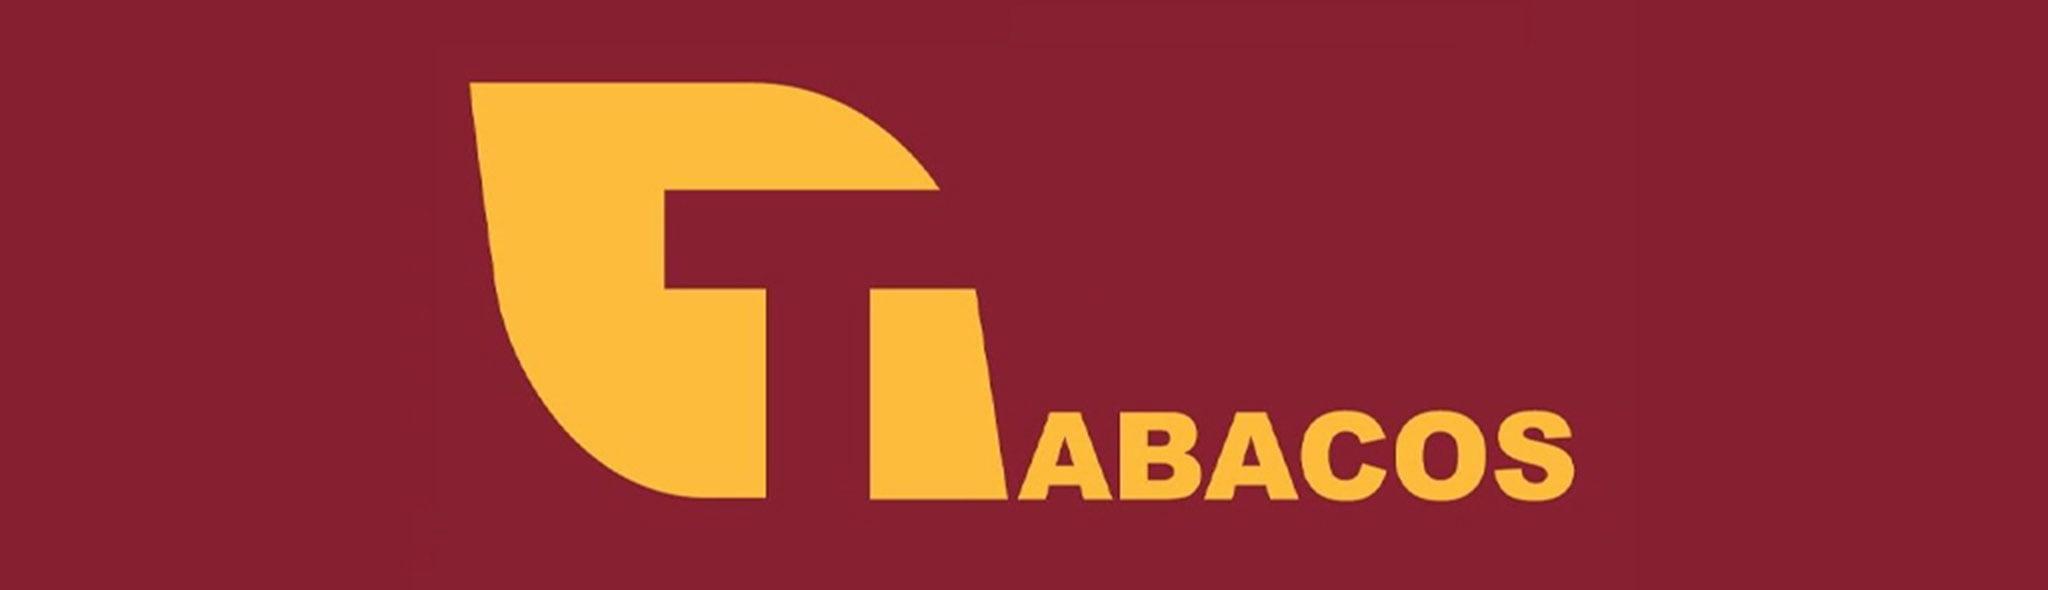 Logotipo Estanco nº 10